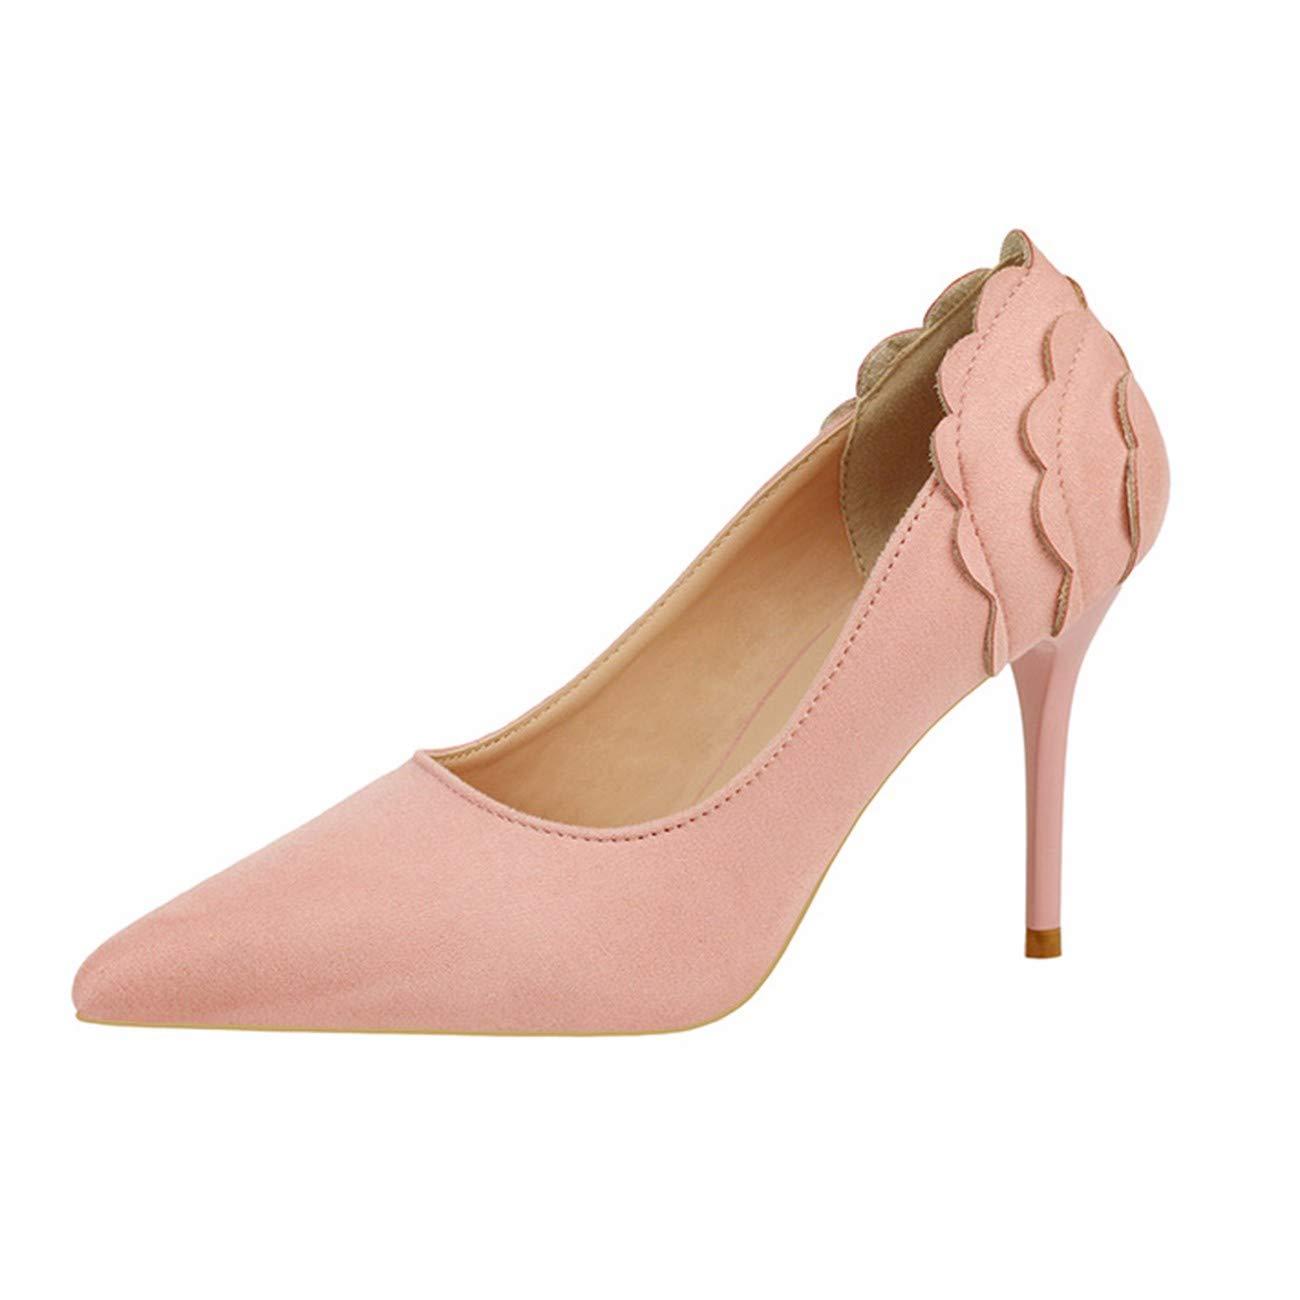 QPGGP-schuhe top - europäischen und amerikanischen sexy Night Club Club Club Wind Lady ist super hochhackige Damenschuhe einzelnen Schuh a81c0a